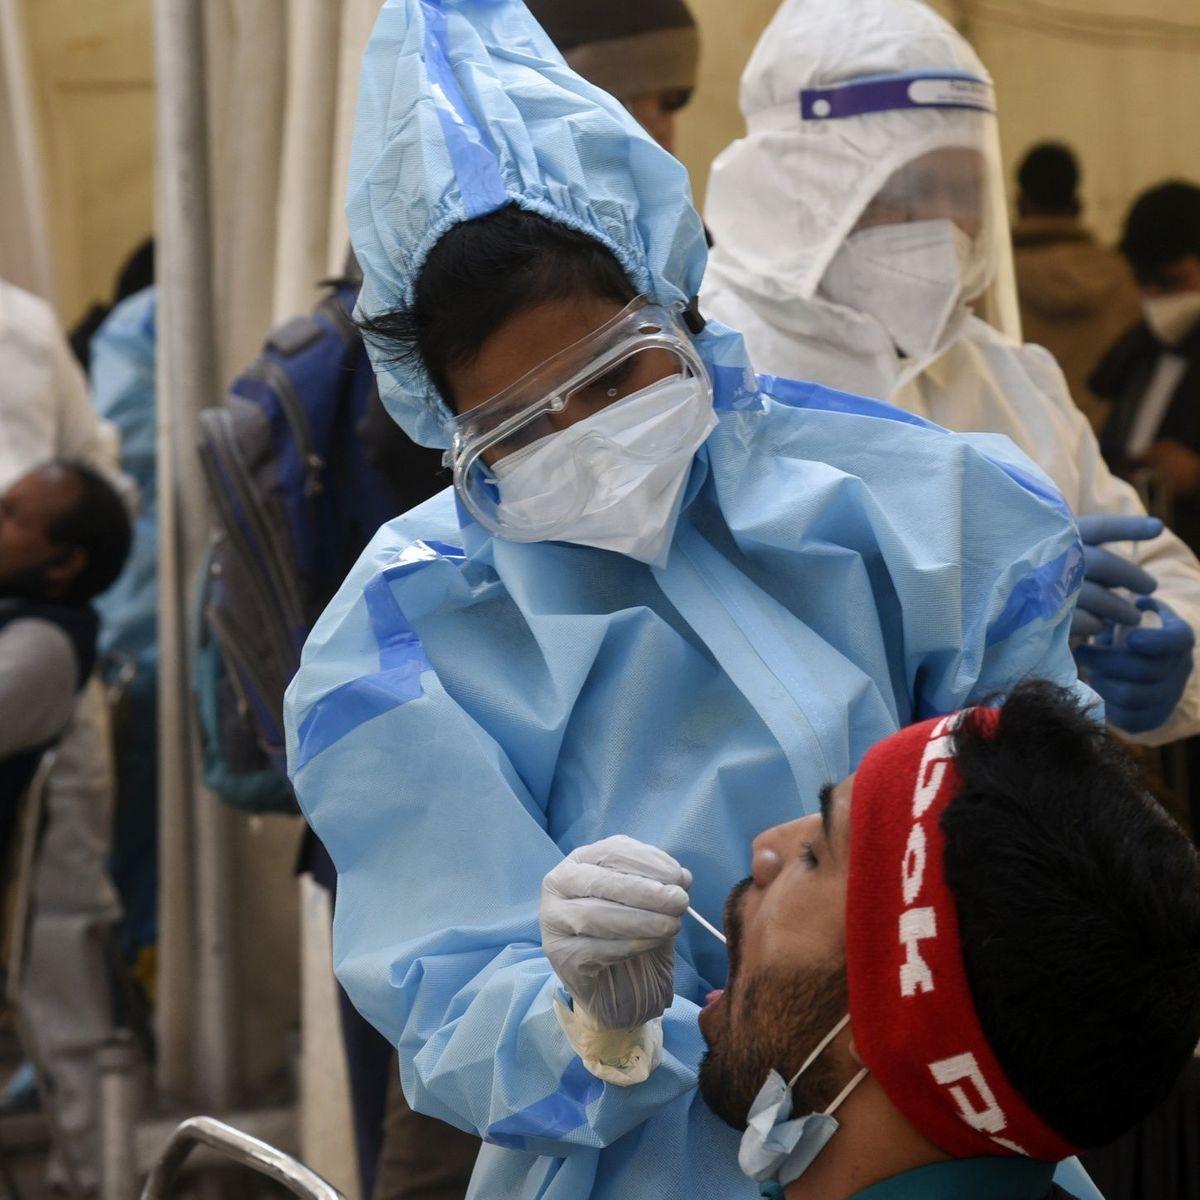 Champignon Noir Inde Covid : Coronavirus En Inde Qu Est Ce Que Le Champignon Noir Apparue Apres Le Covid 19